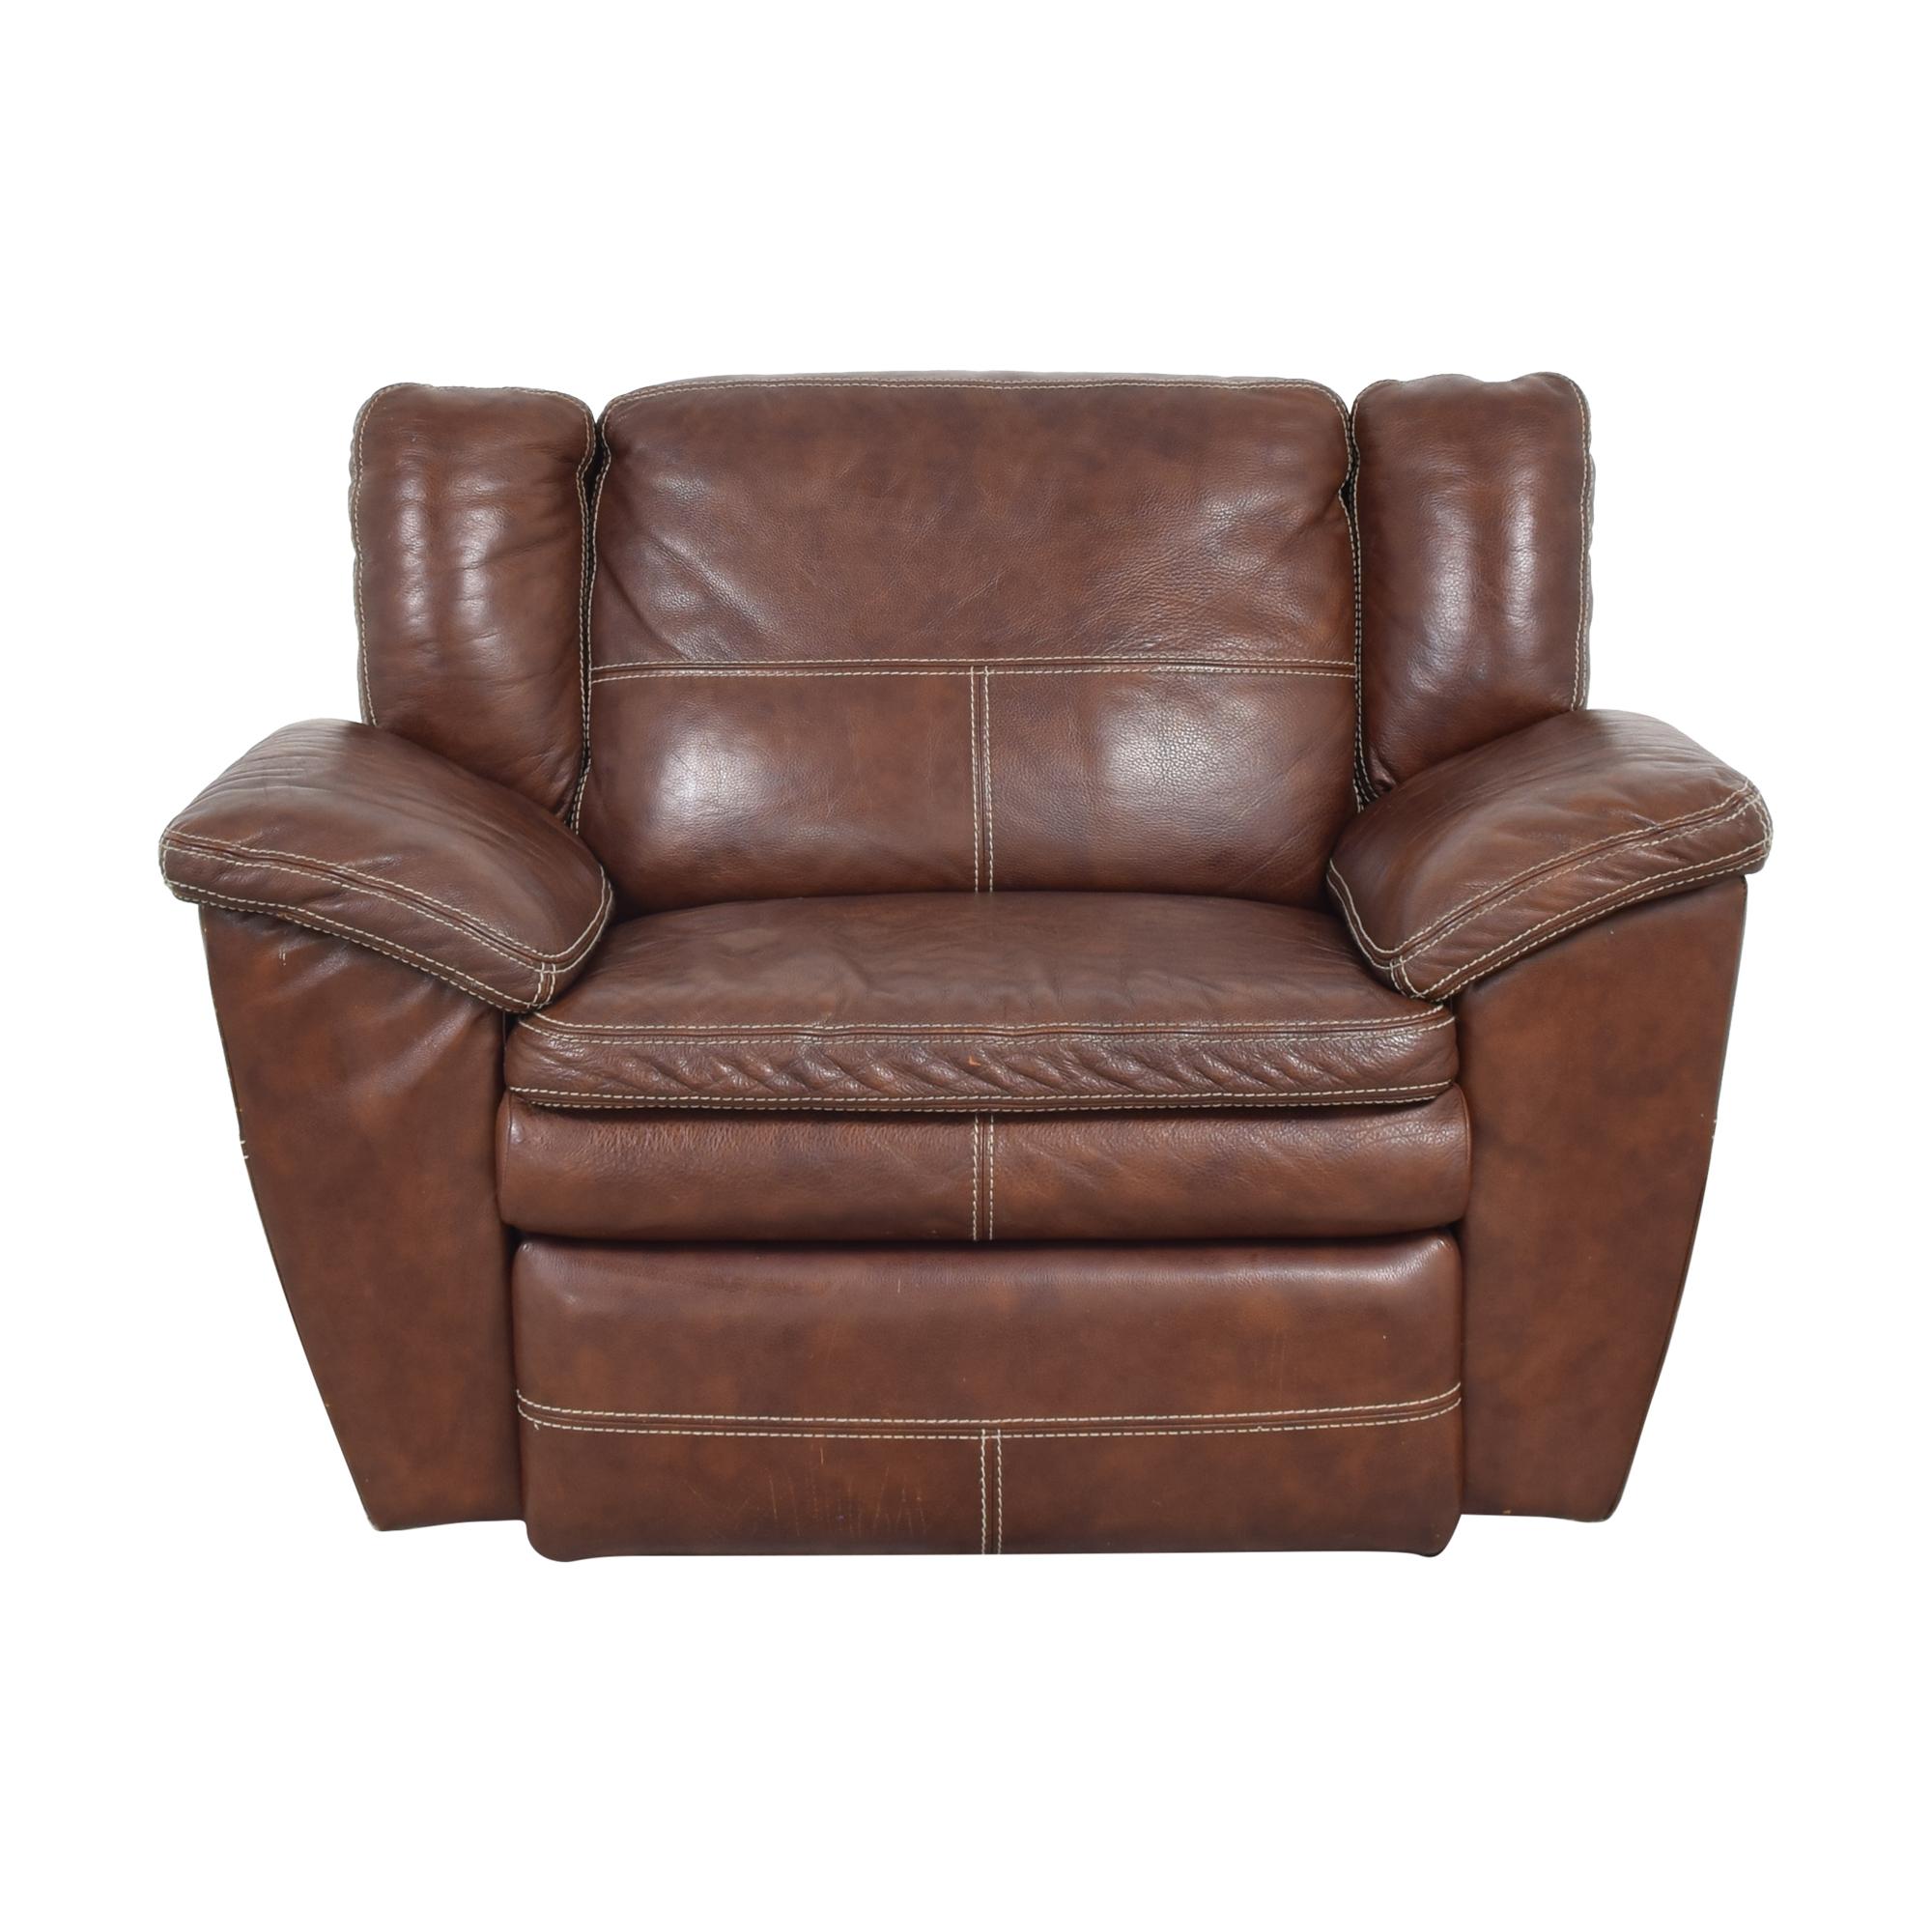 La-Z-Boy La-Z-Boy Leather Recliner Chair used